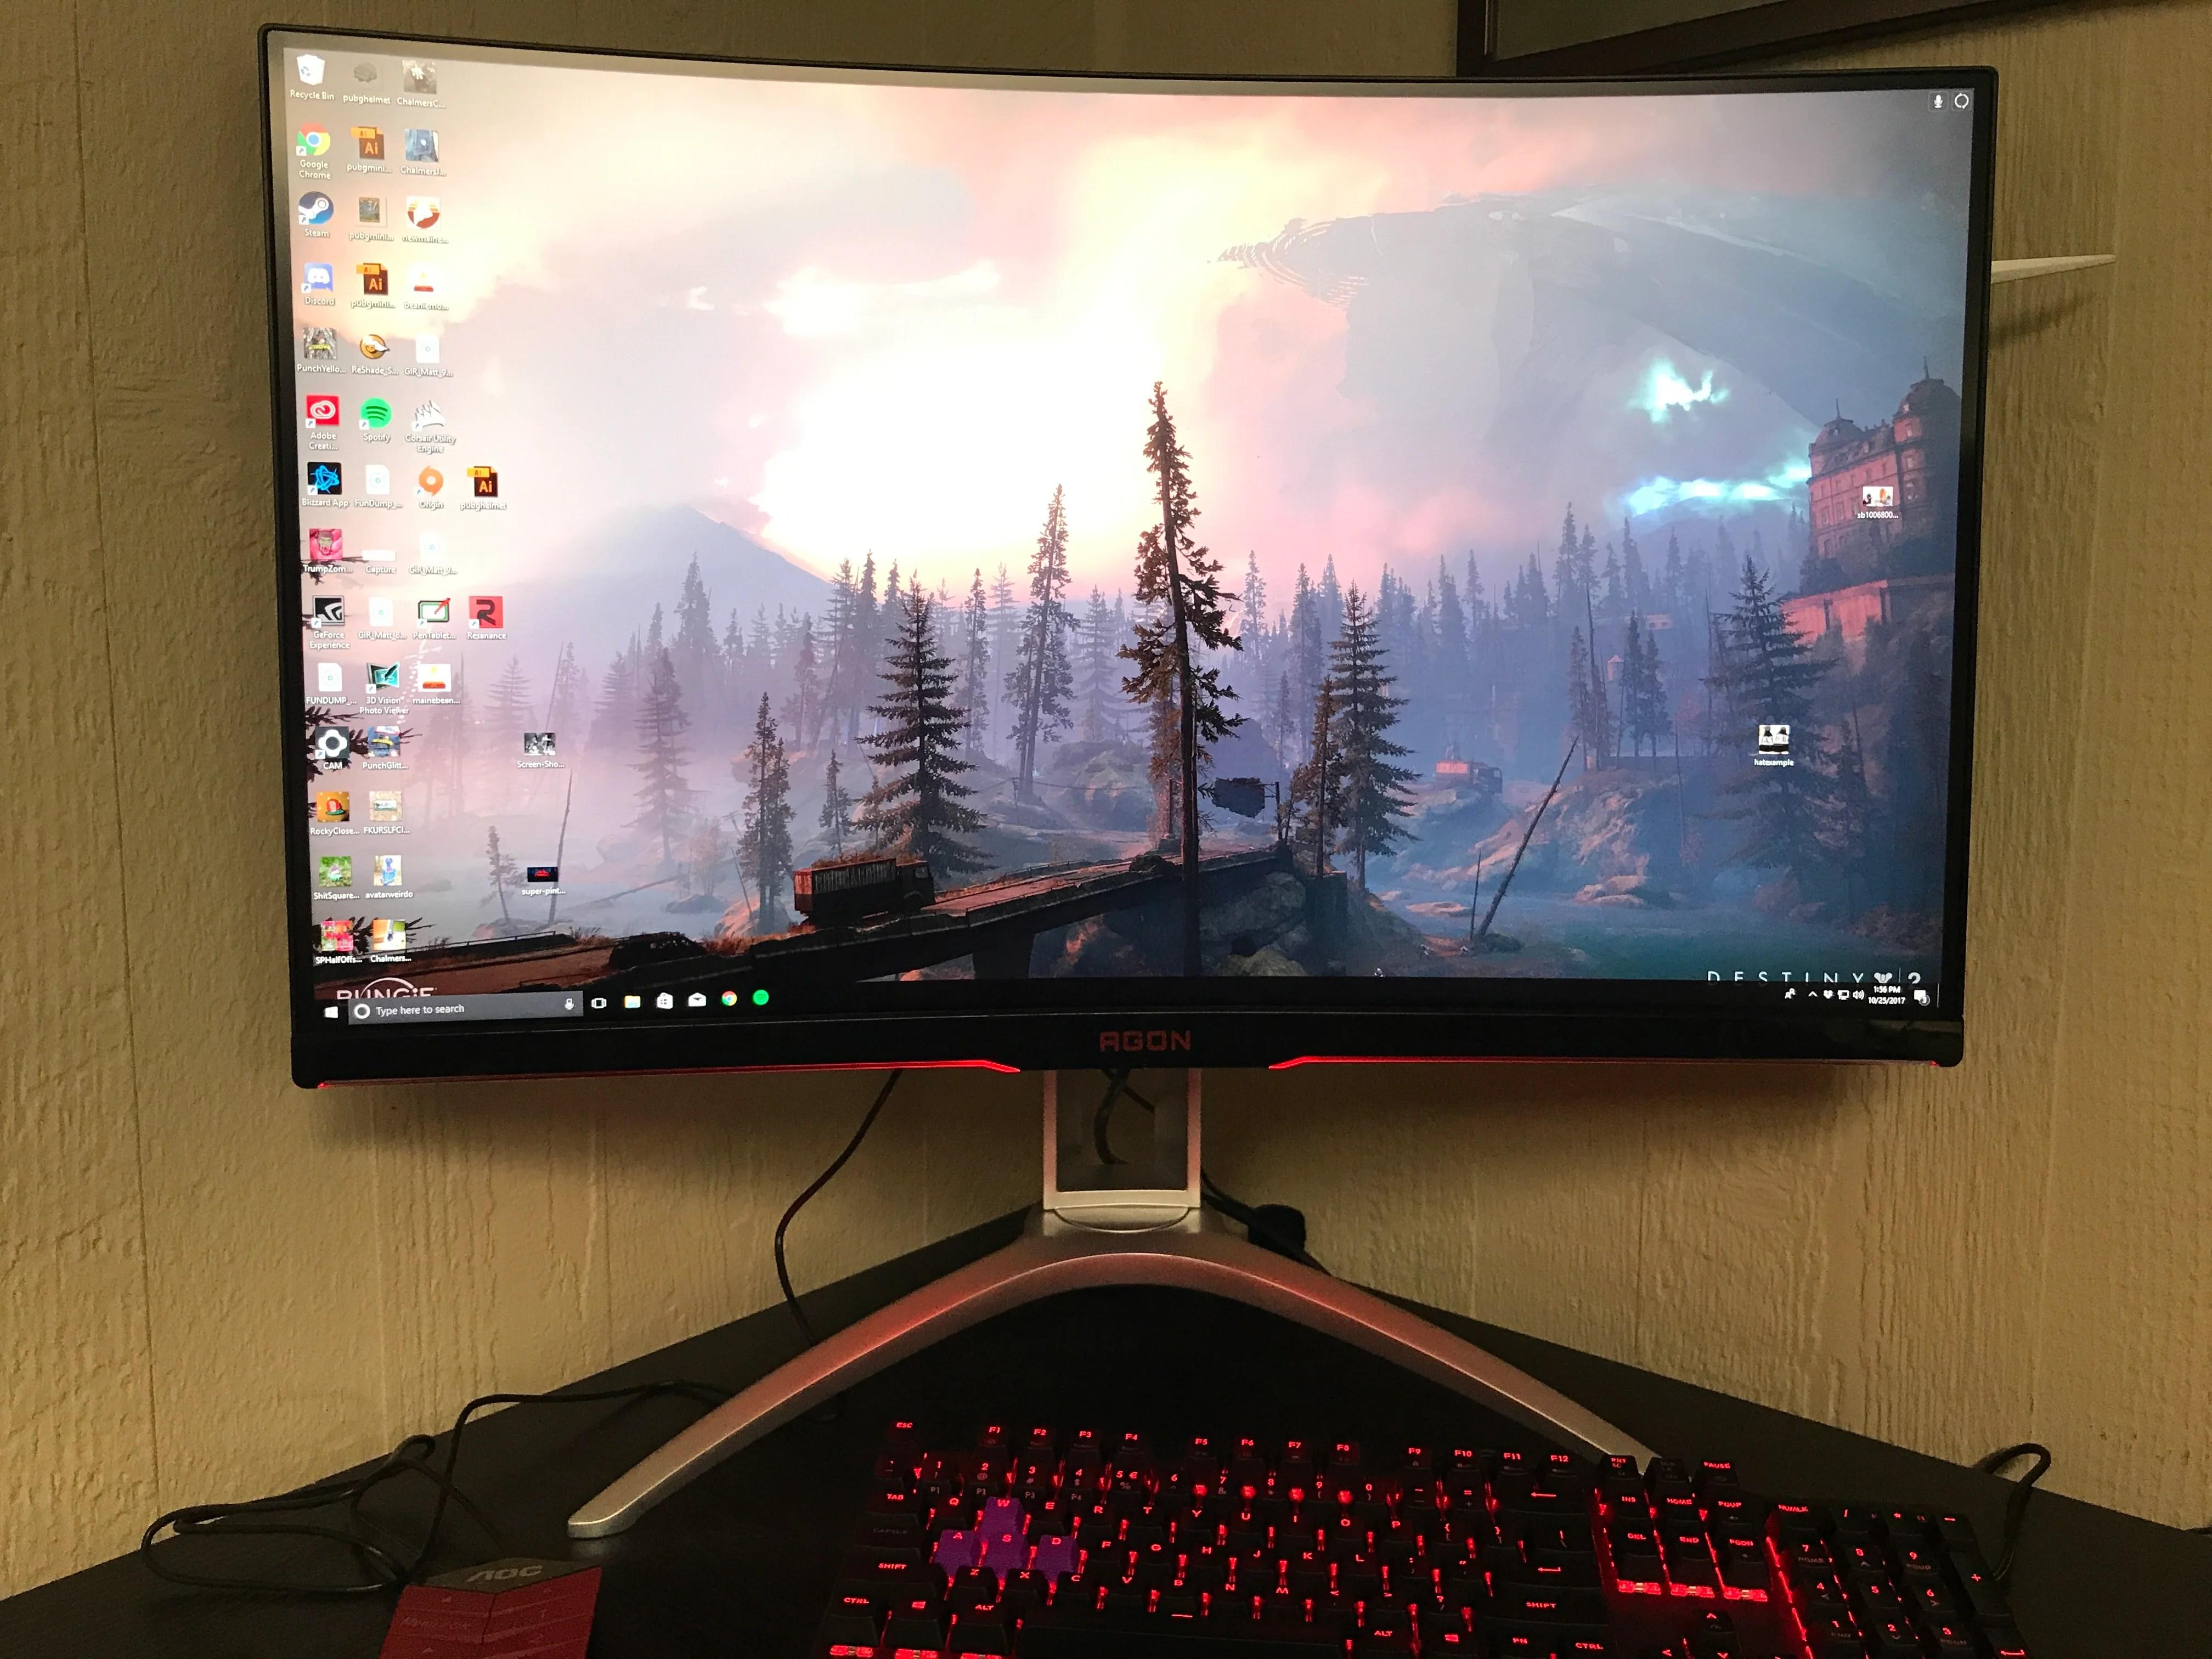 Led Display Lighting Amazon